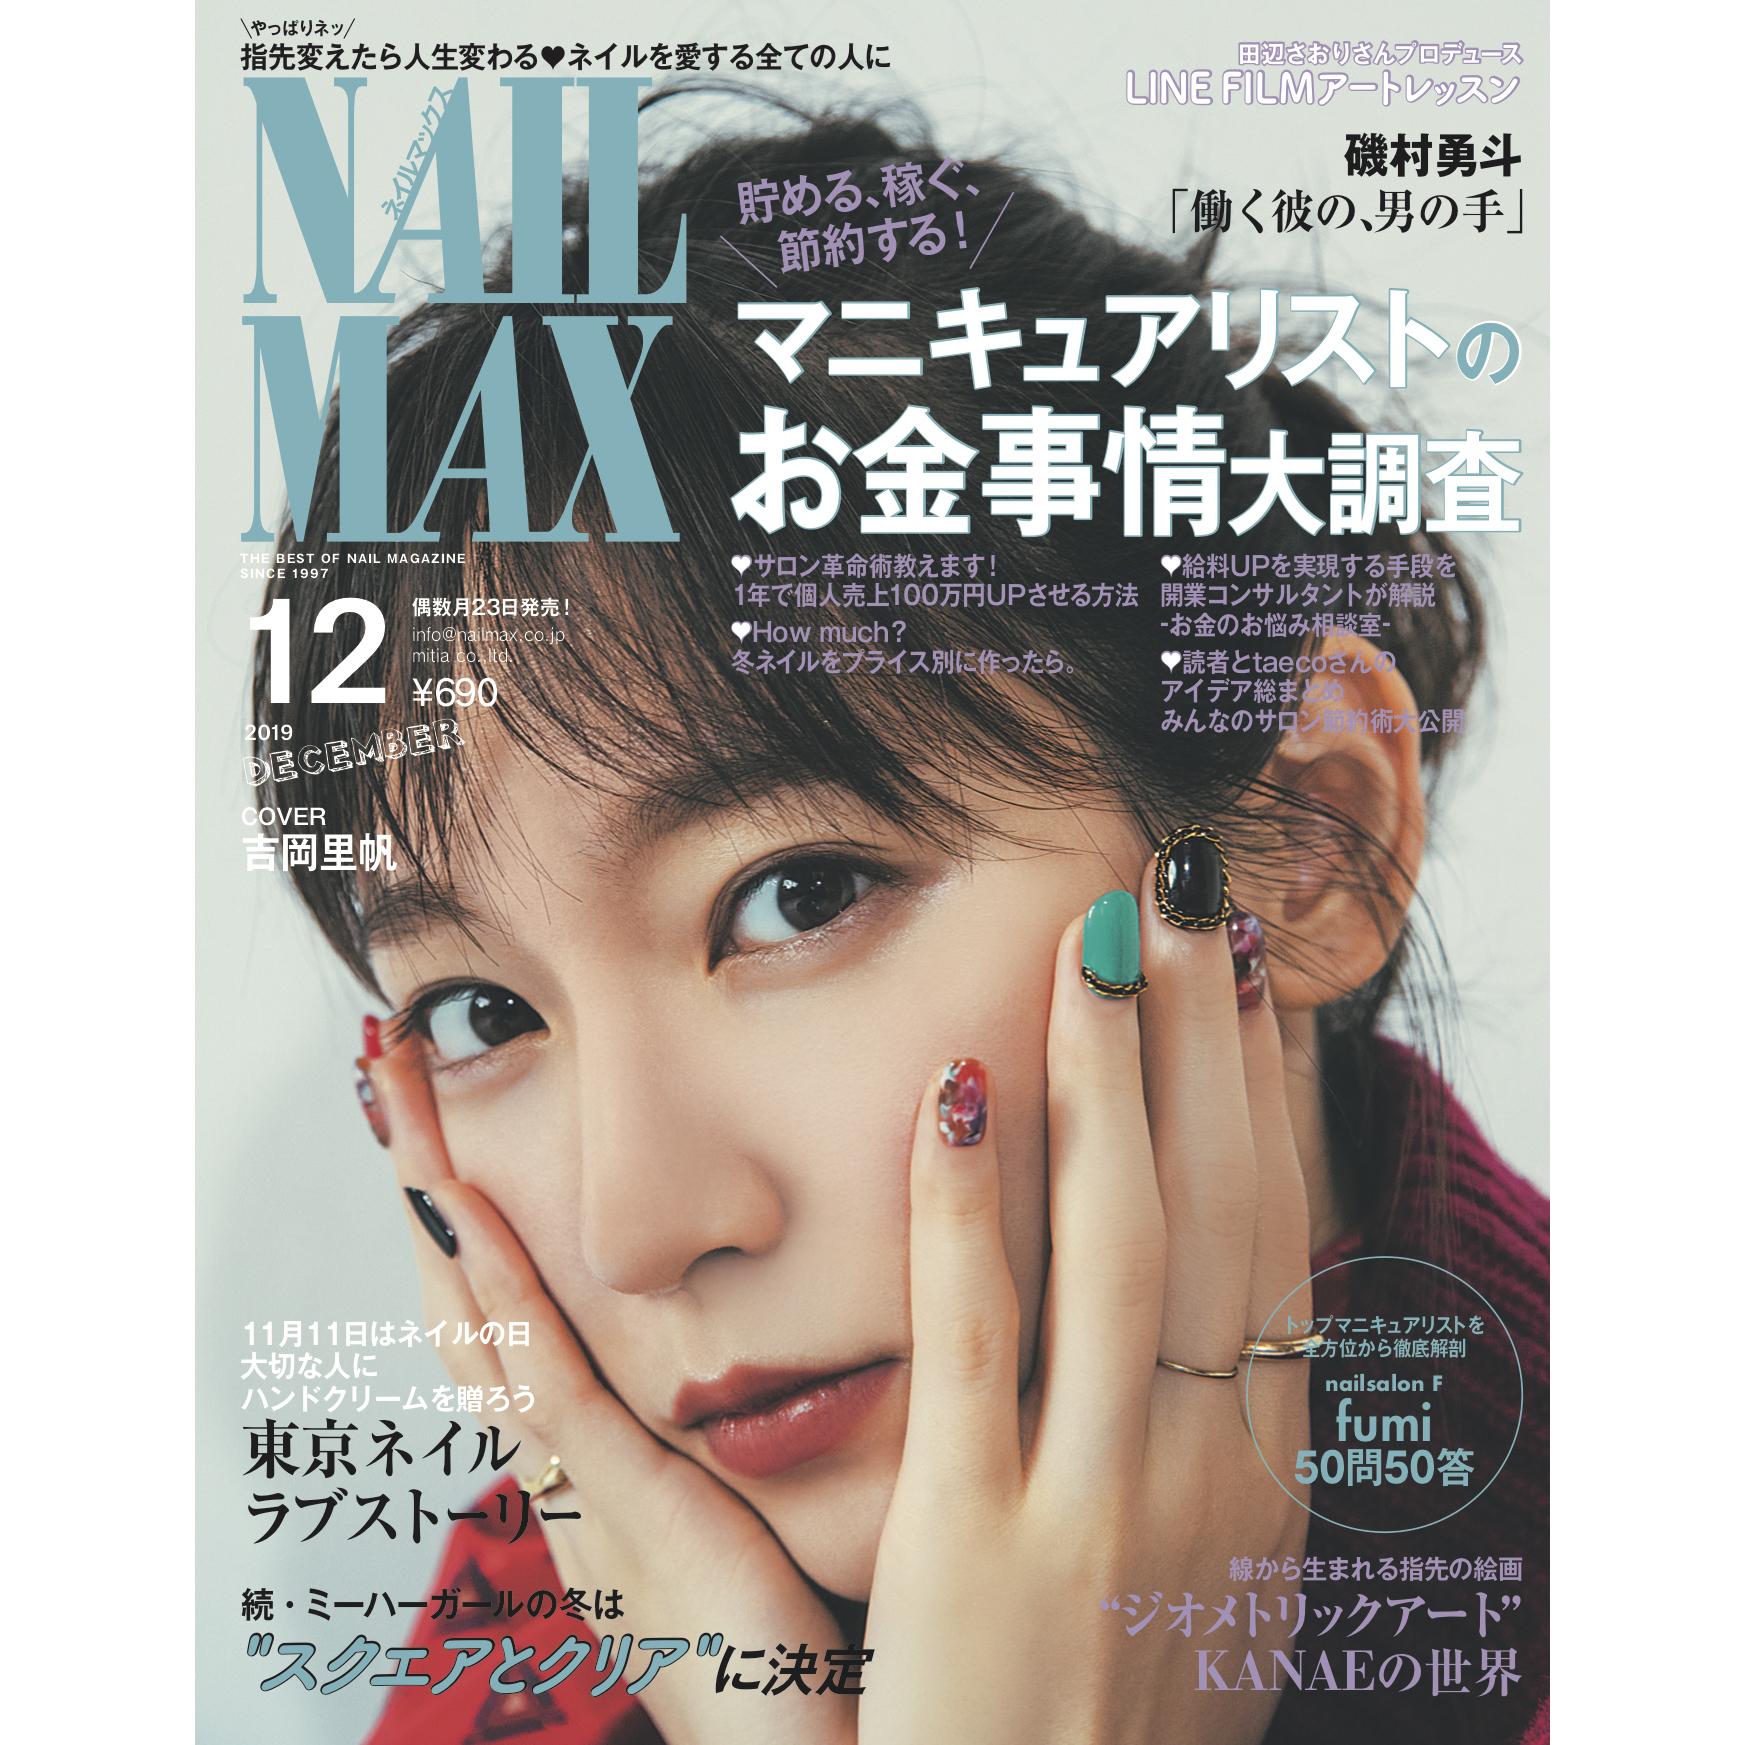 10月23日(水)発売『NAIL MAX 12月号』の表紙に、女優《吉岡里帆》が初登場! 《礒村勇斗》のメンズネイルストーリーにも注目